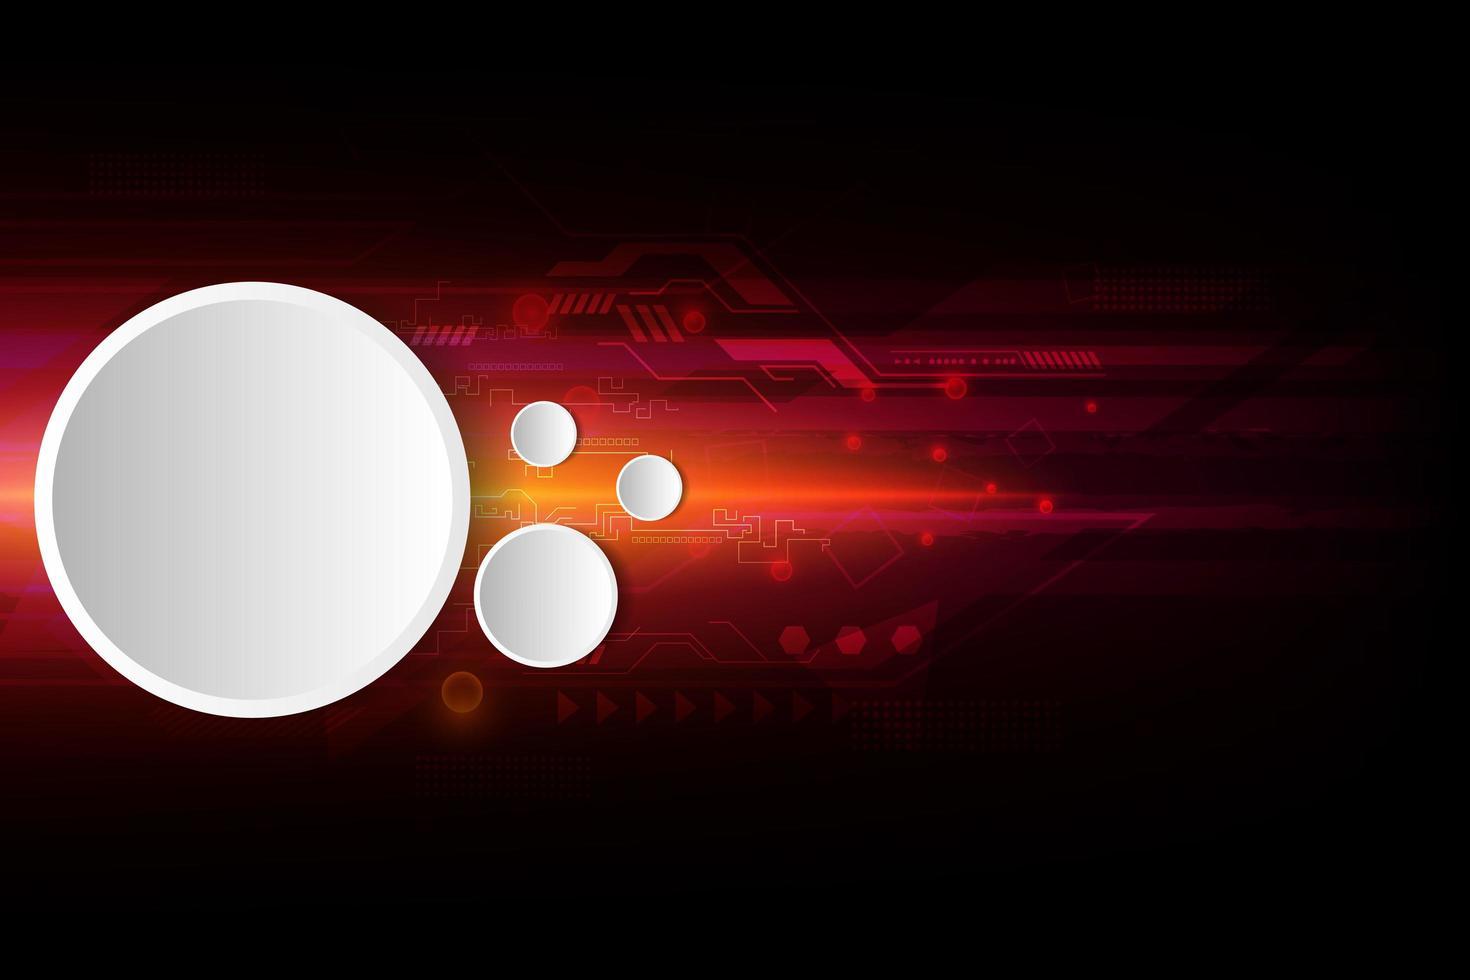 röd digital framtidsteknologidesign med vita ramar vektor